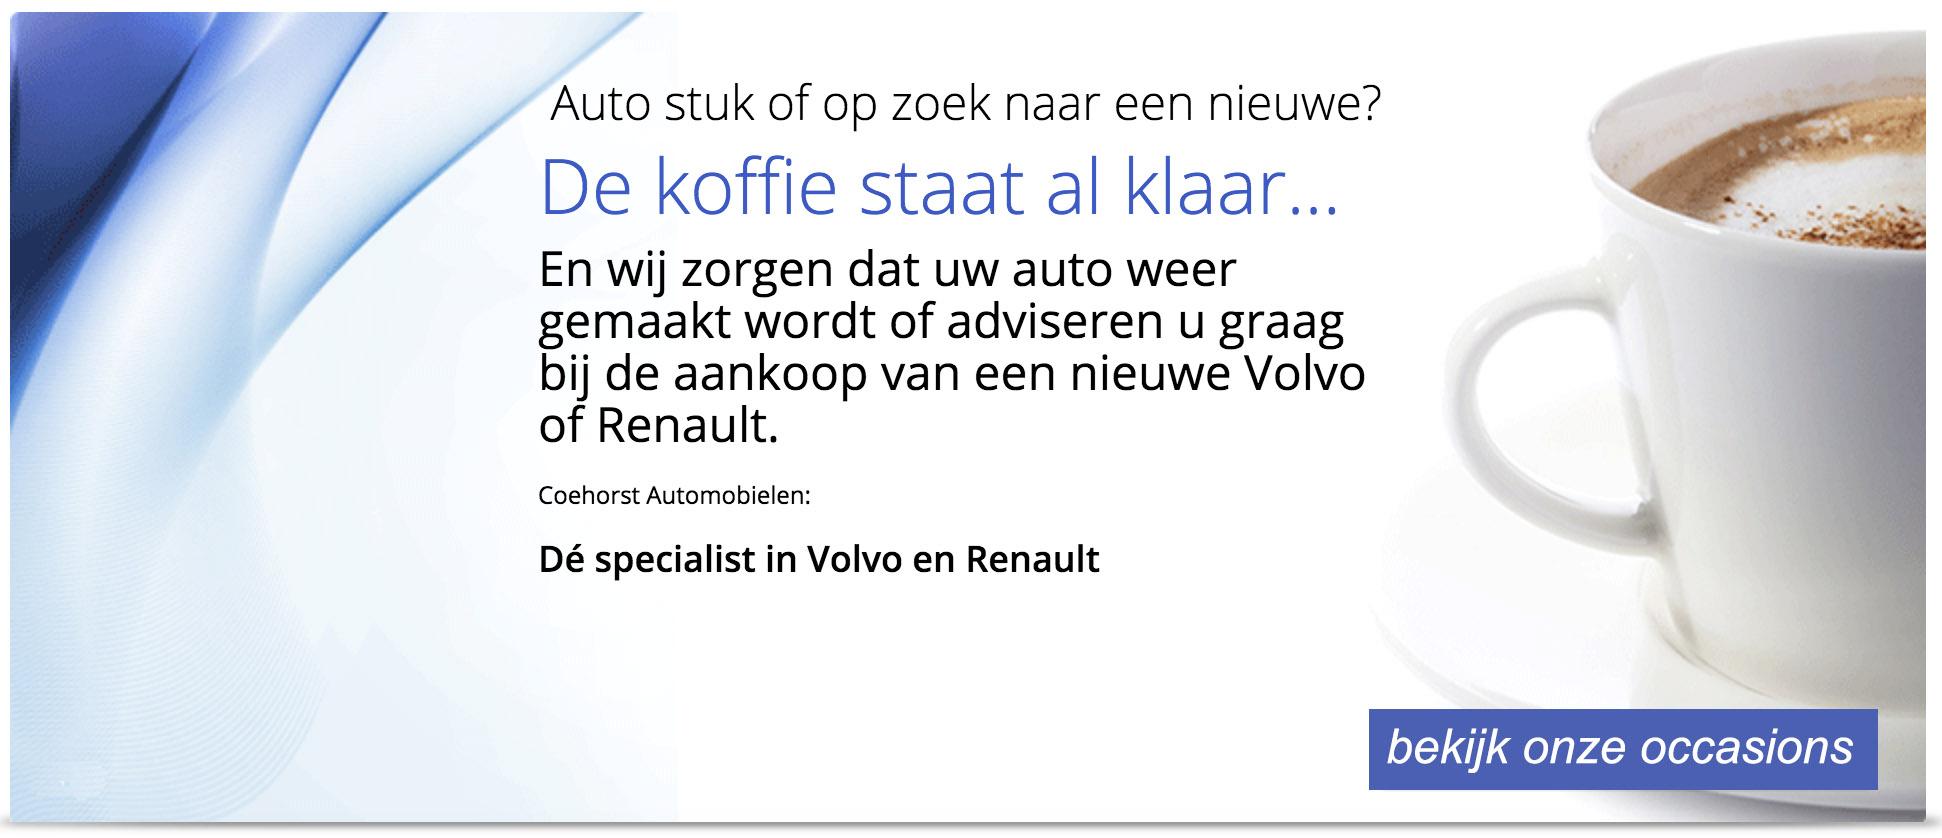 lease concept apk keuring power flush volvo, renault, Coehorst Automobielen is gespecialiseerd in verkoop, onderhoud, schadeherstel (voor verzekeringsmaatschappijen) en APK-keuringen van Volvo en Renault.